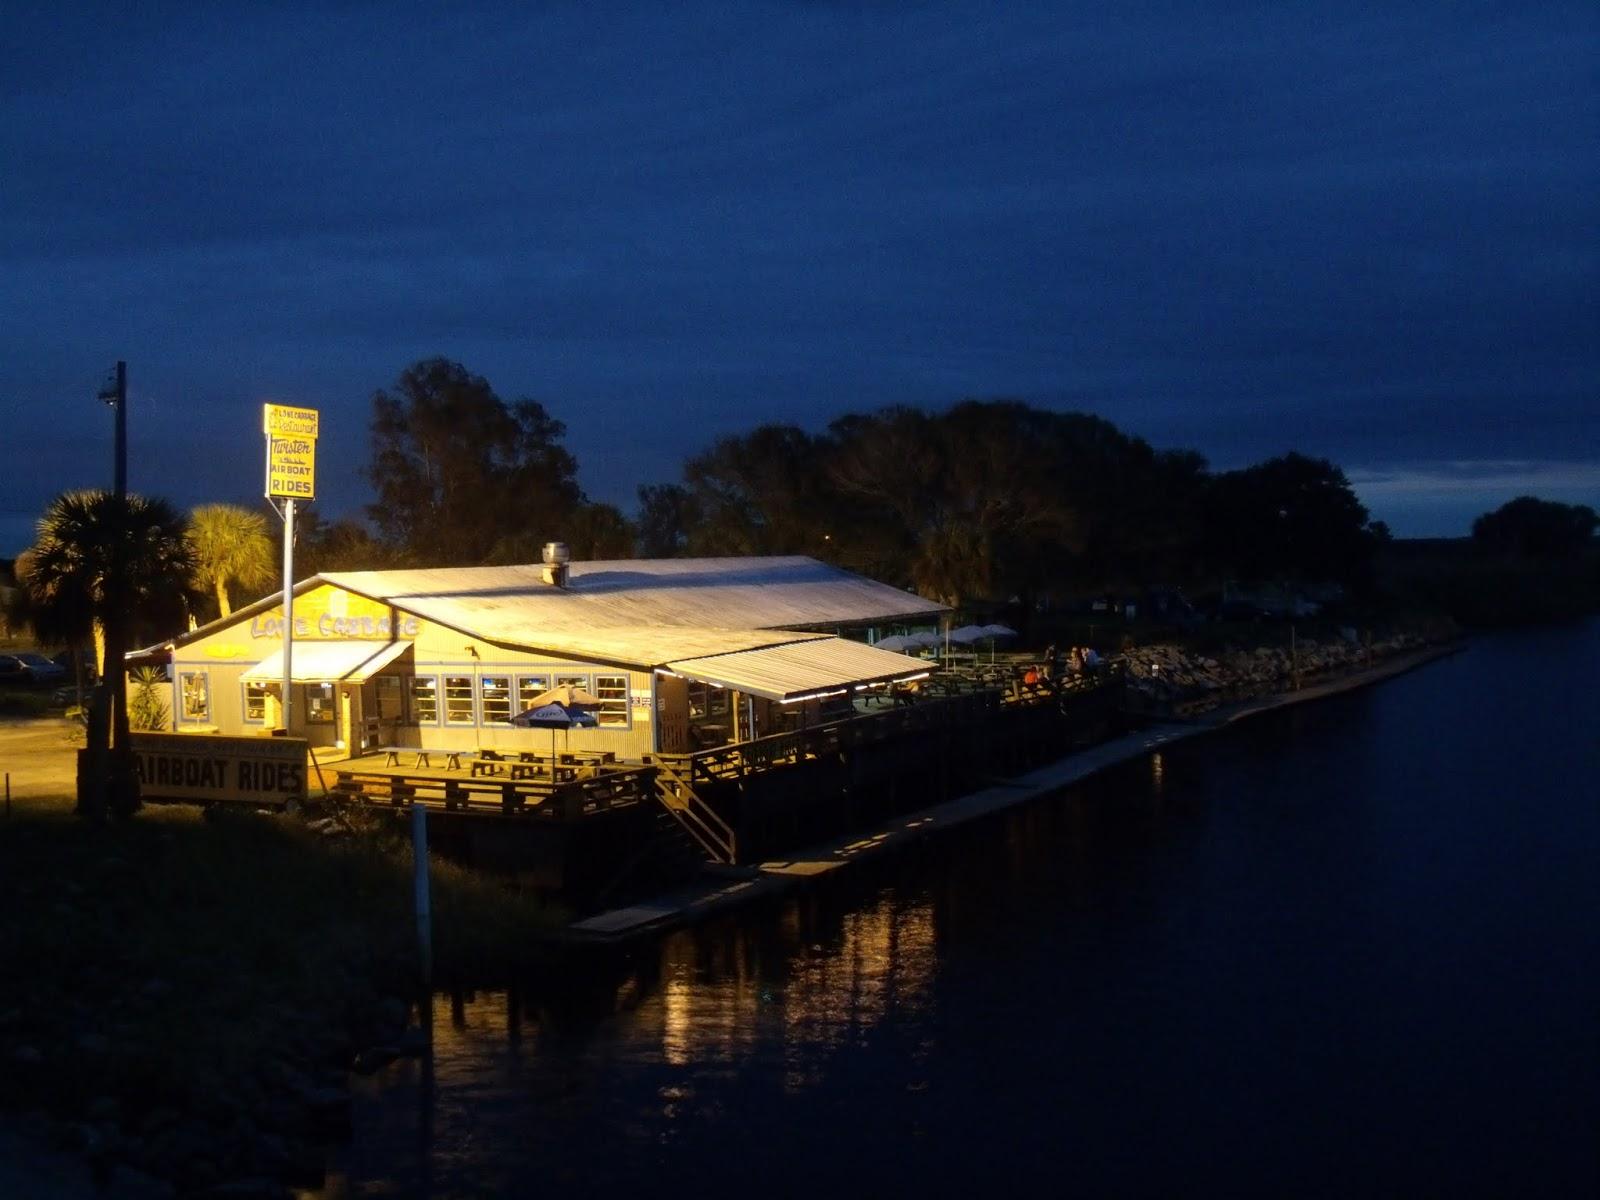 Lone Cabbage Camp de noche